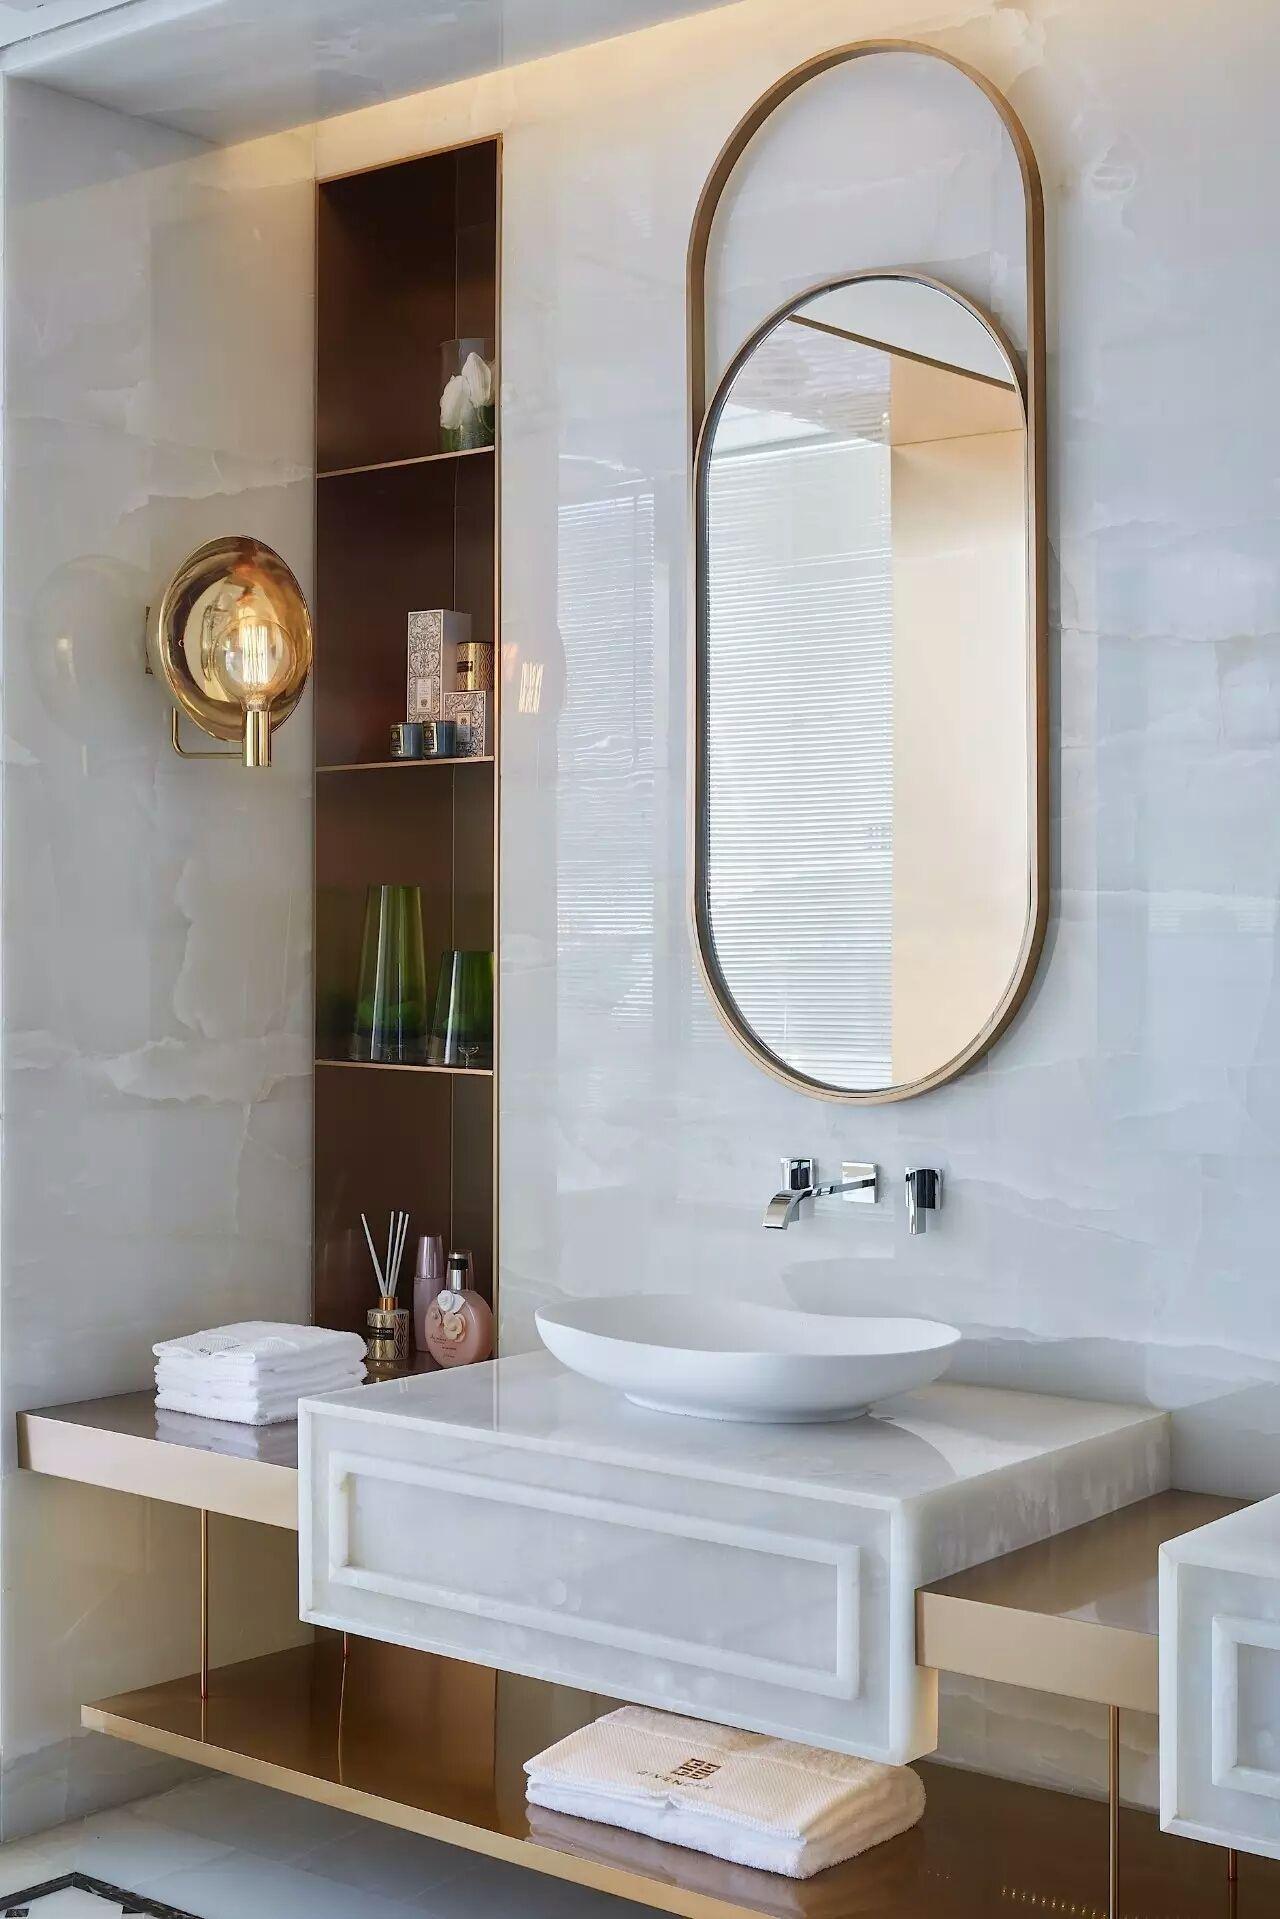 Bathroom Designs, Bathrooms, Design Ideas, Plumbing Fixtures, Powder Rooms, Vanities,